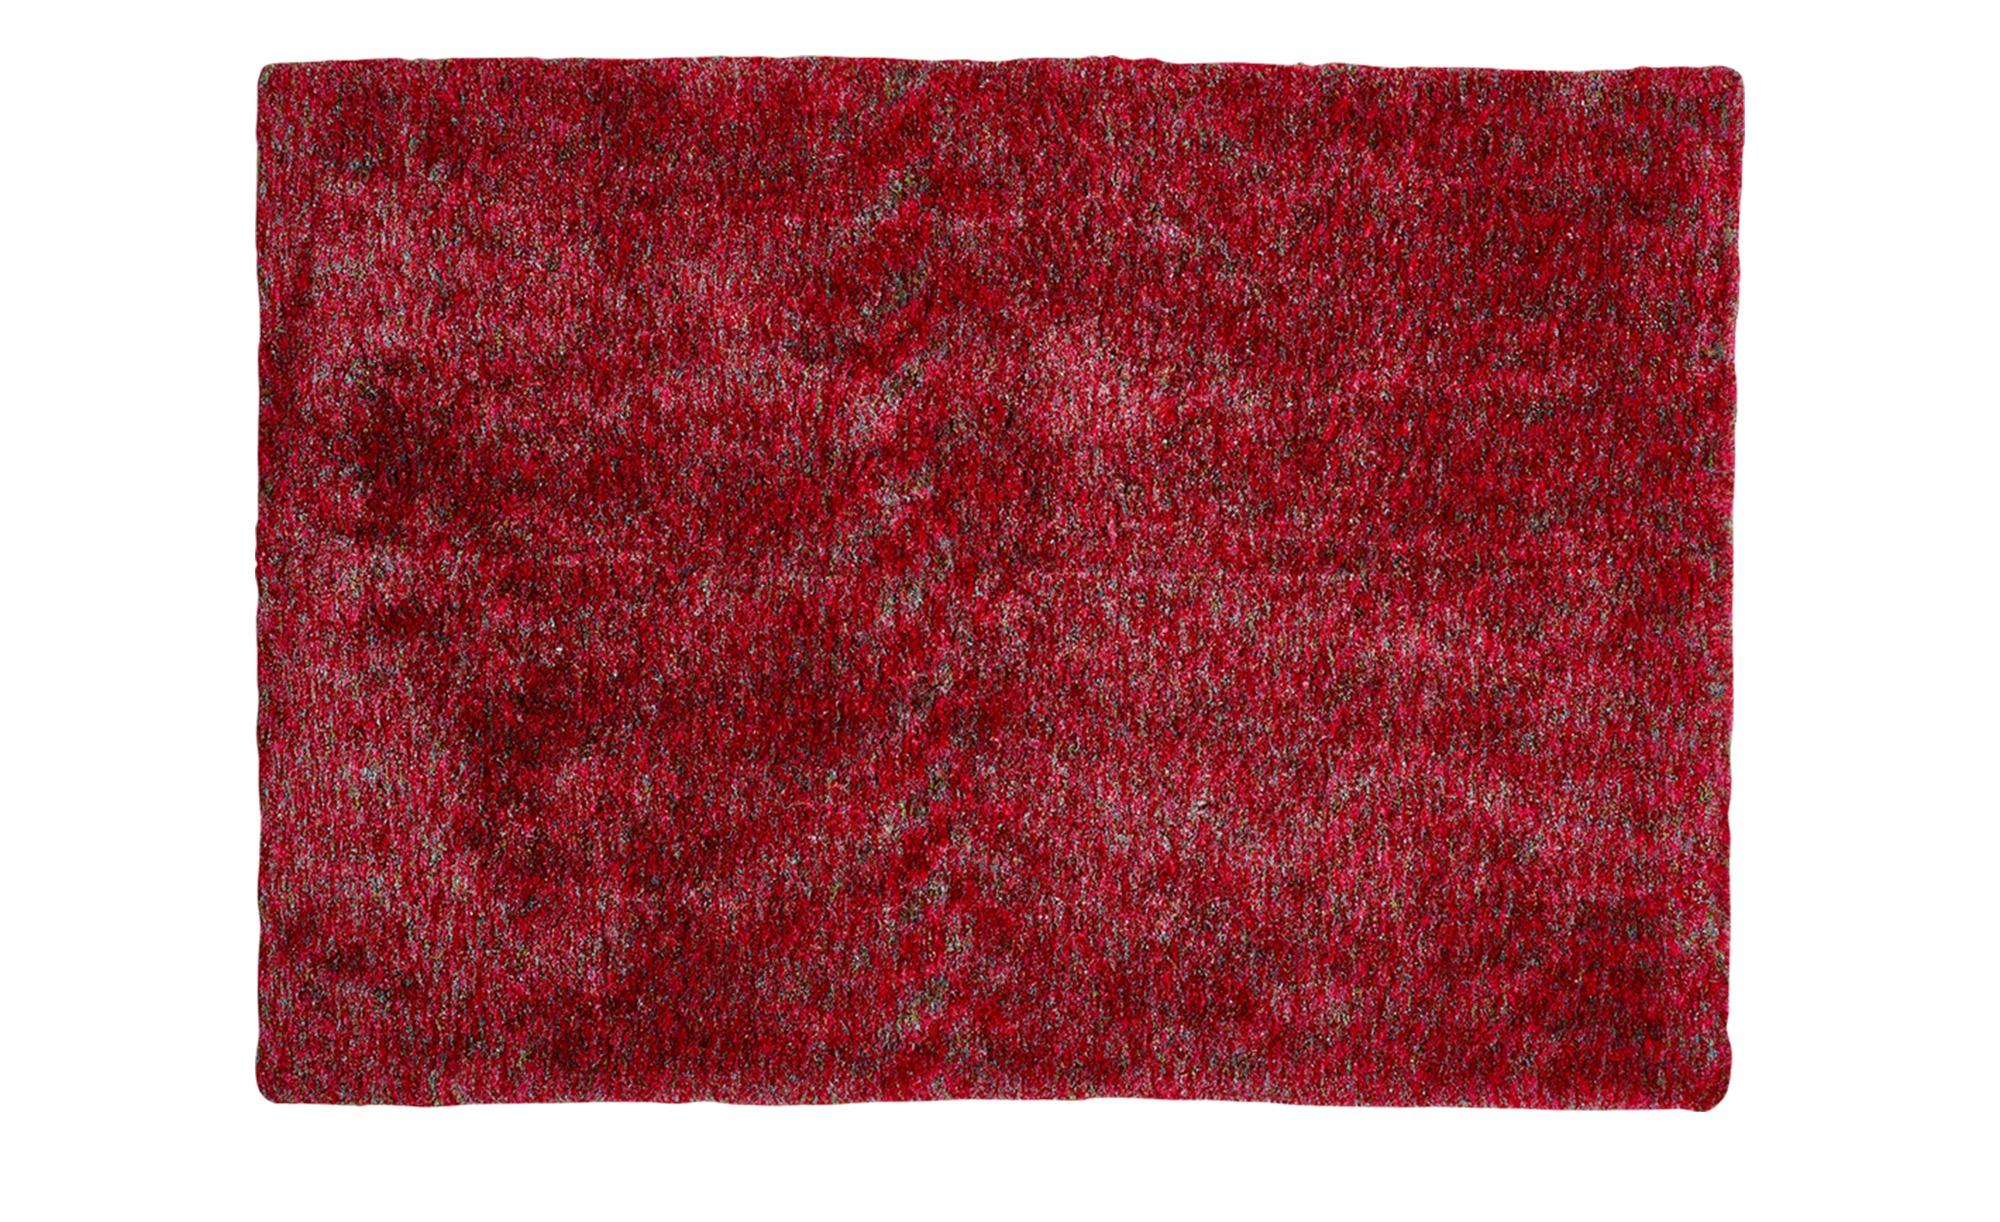 Tuft-Teppich  Wellness ¦ rosa/pink ¦ 100 % Polyester, Synthethische Fasern ¦ Maße (cm): B: 170 Teppiche > Wohnteppiche > Hochflorteppiche - Höffner